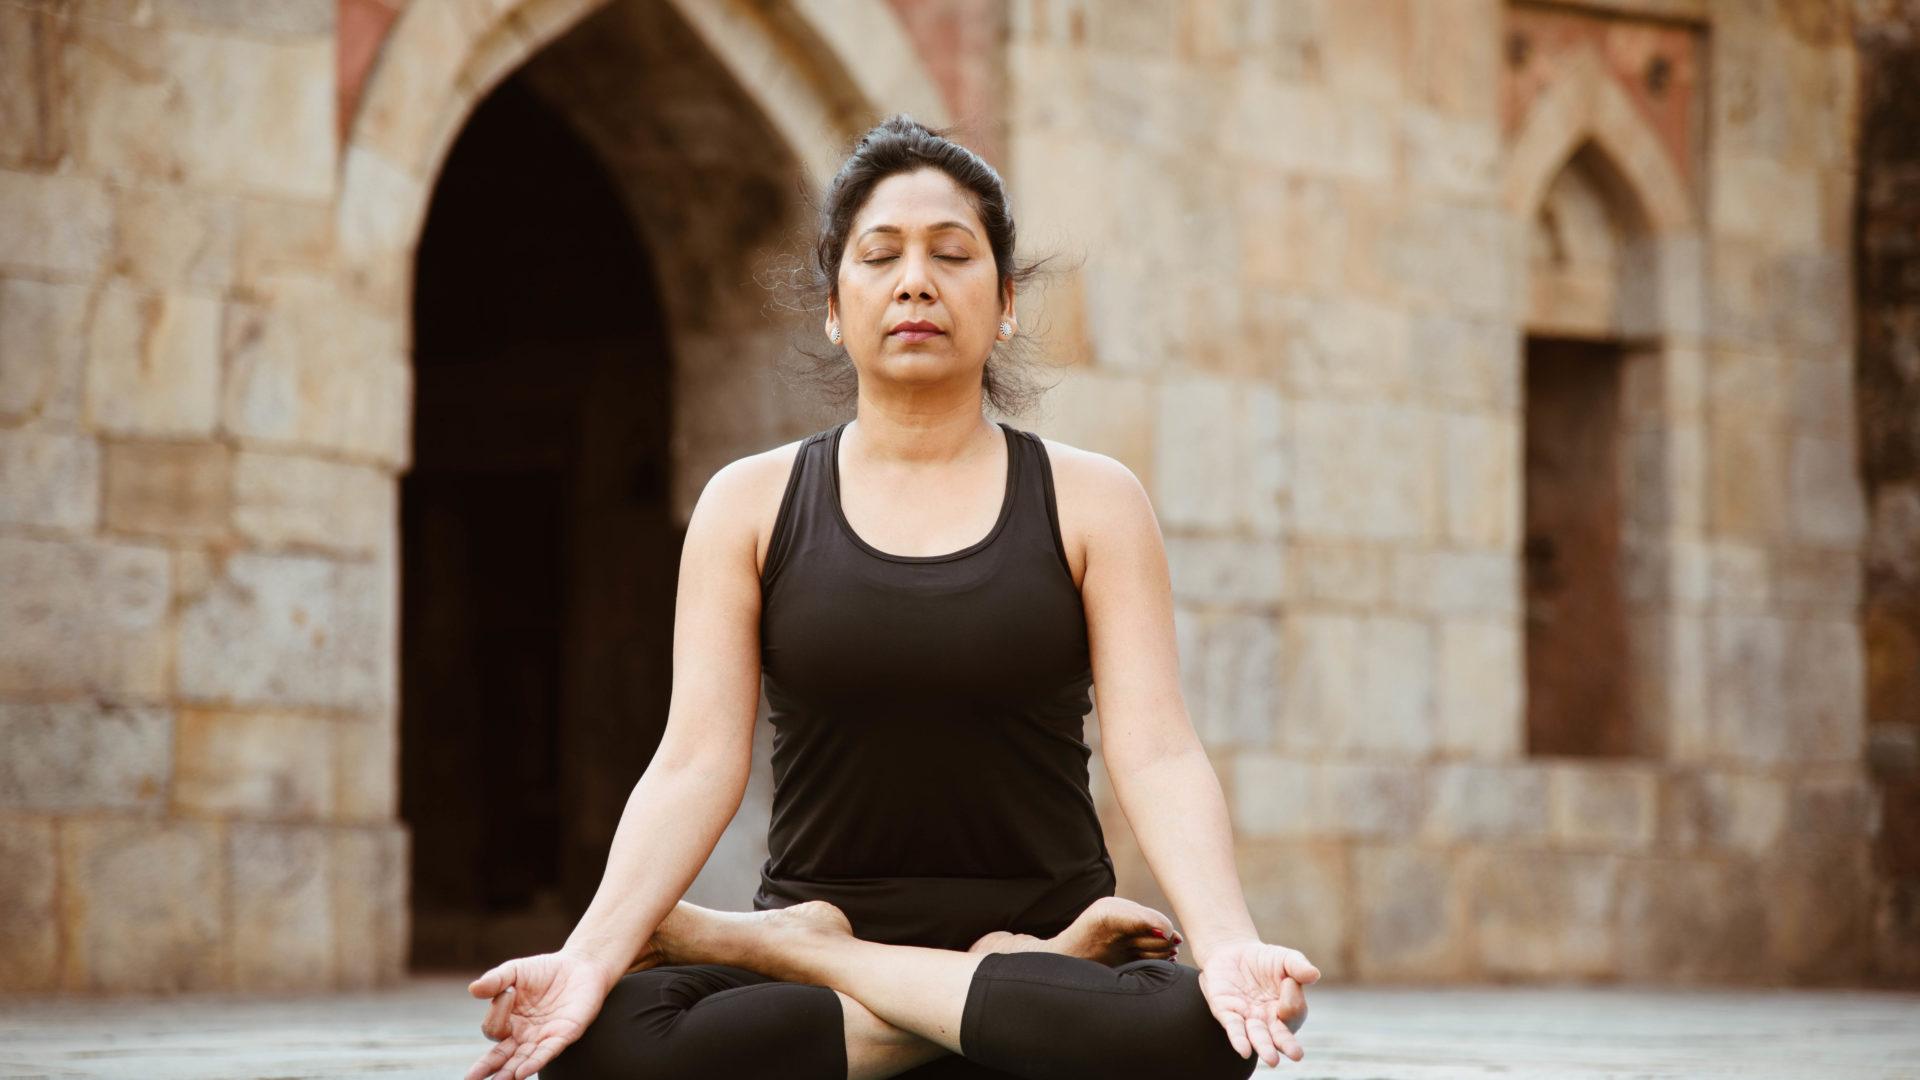 """Cours de Yoga """"Pranayama, asanas, musique et cuisine yogique"""" - 17 août 2019 à 9h30 - Gratuit"""